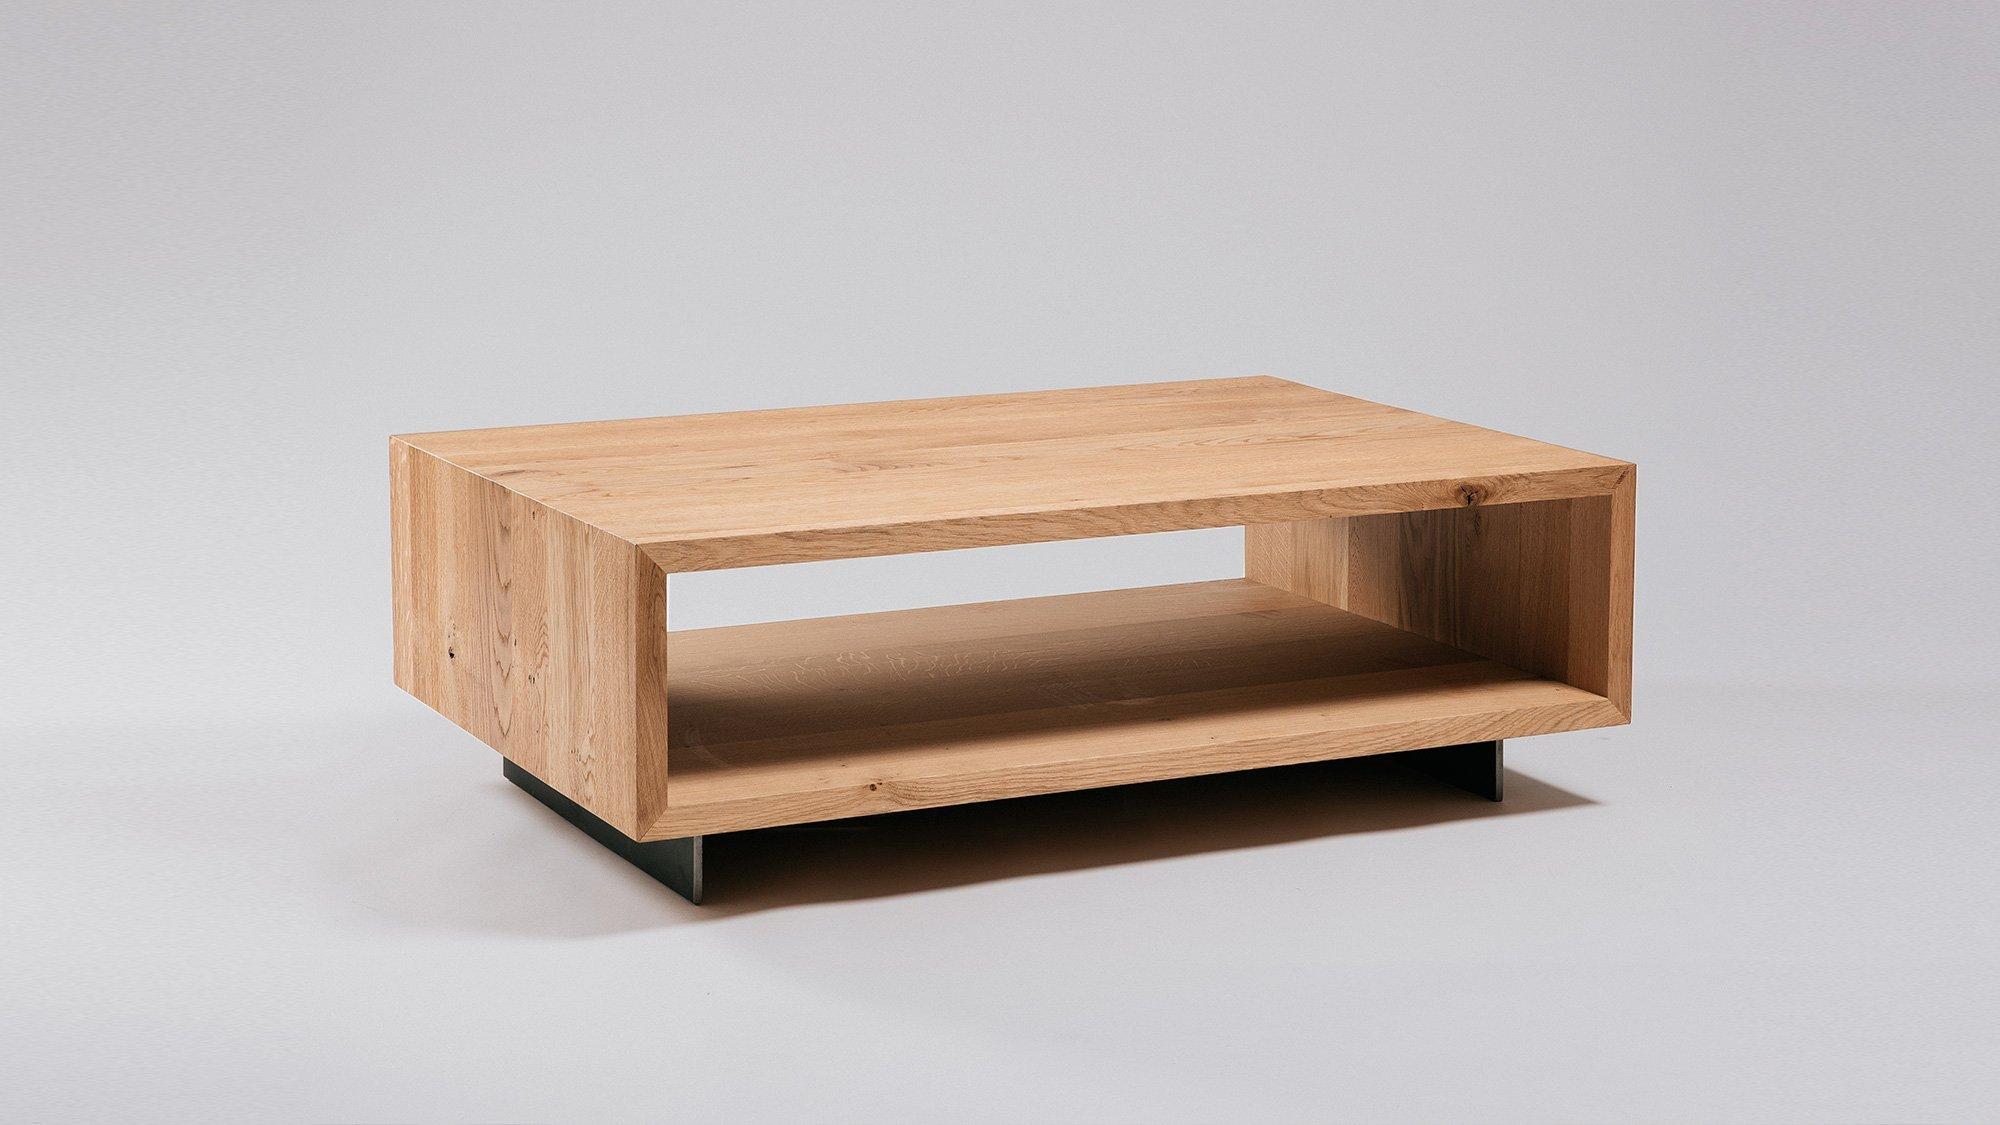 Muebles a medida muebles de dise o bois et fer - Muebles de madera y hierro ...